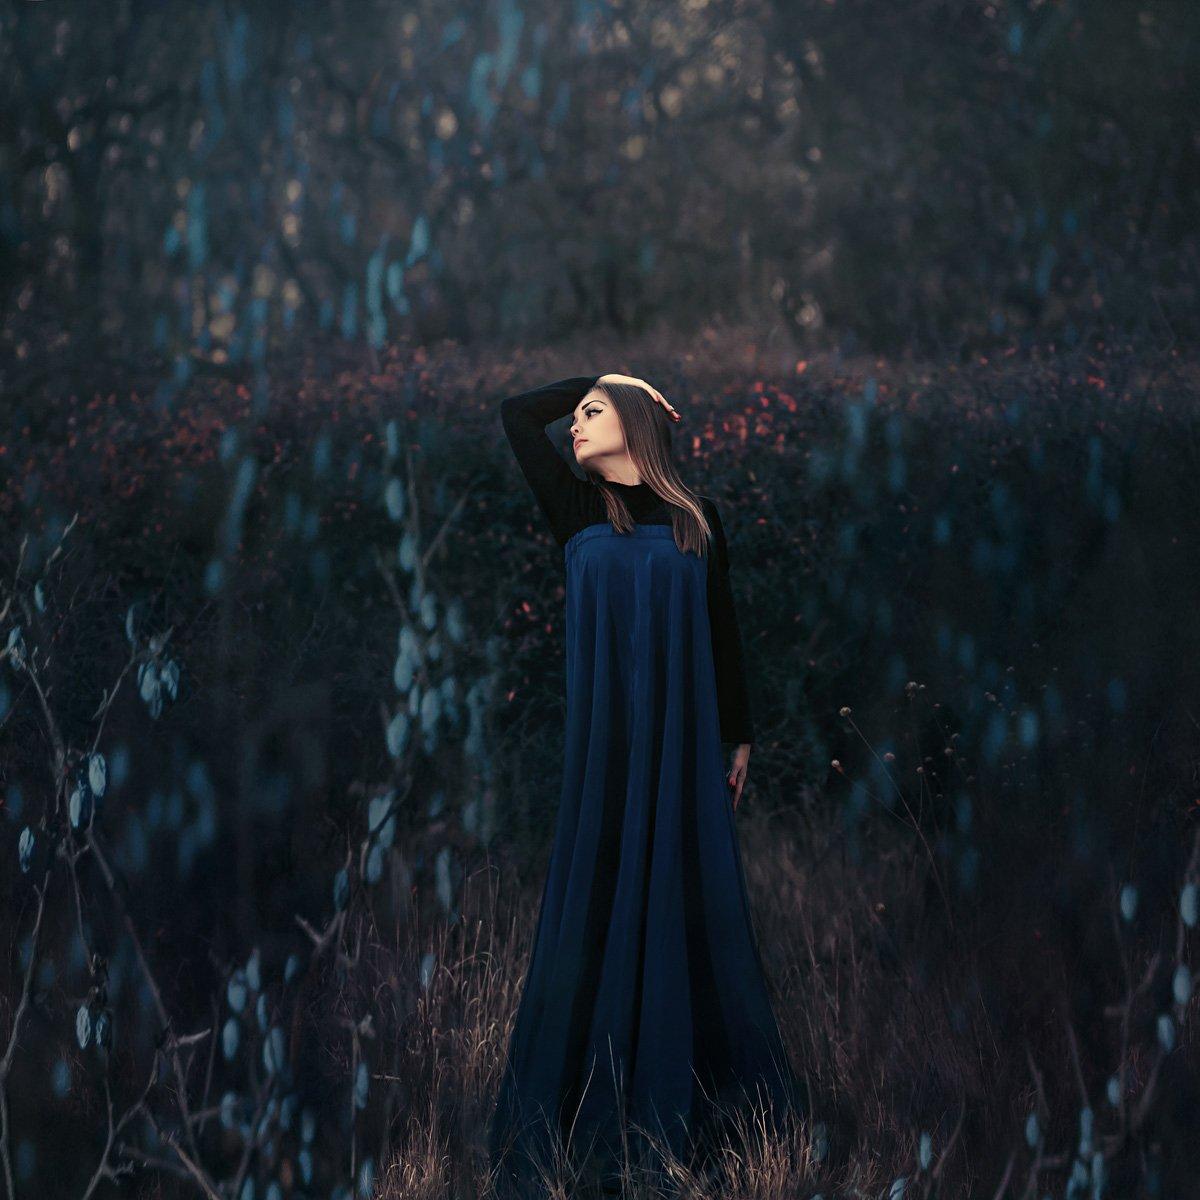 девушка, сны, осень, темный ключ, терновник, арт, синий,, Марина Кондратова